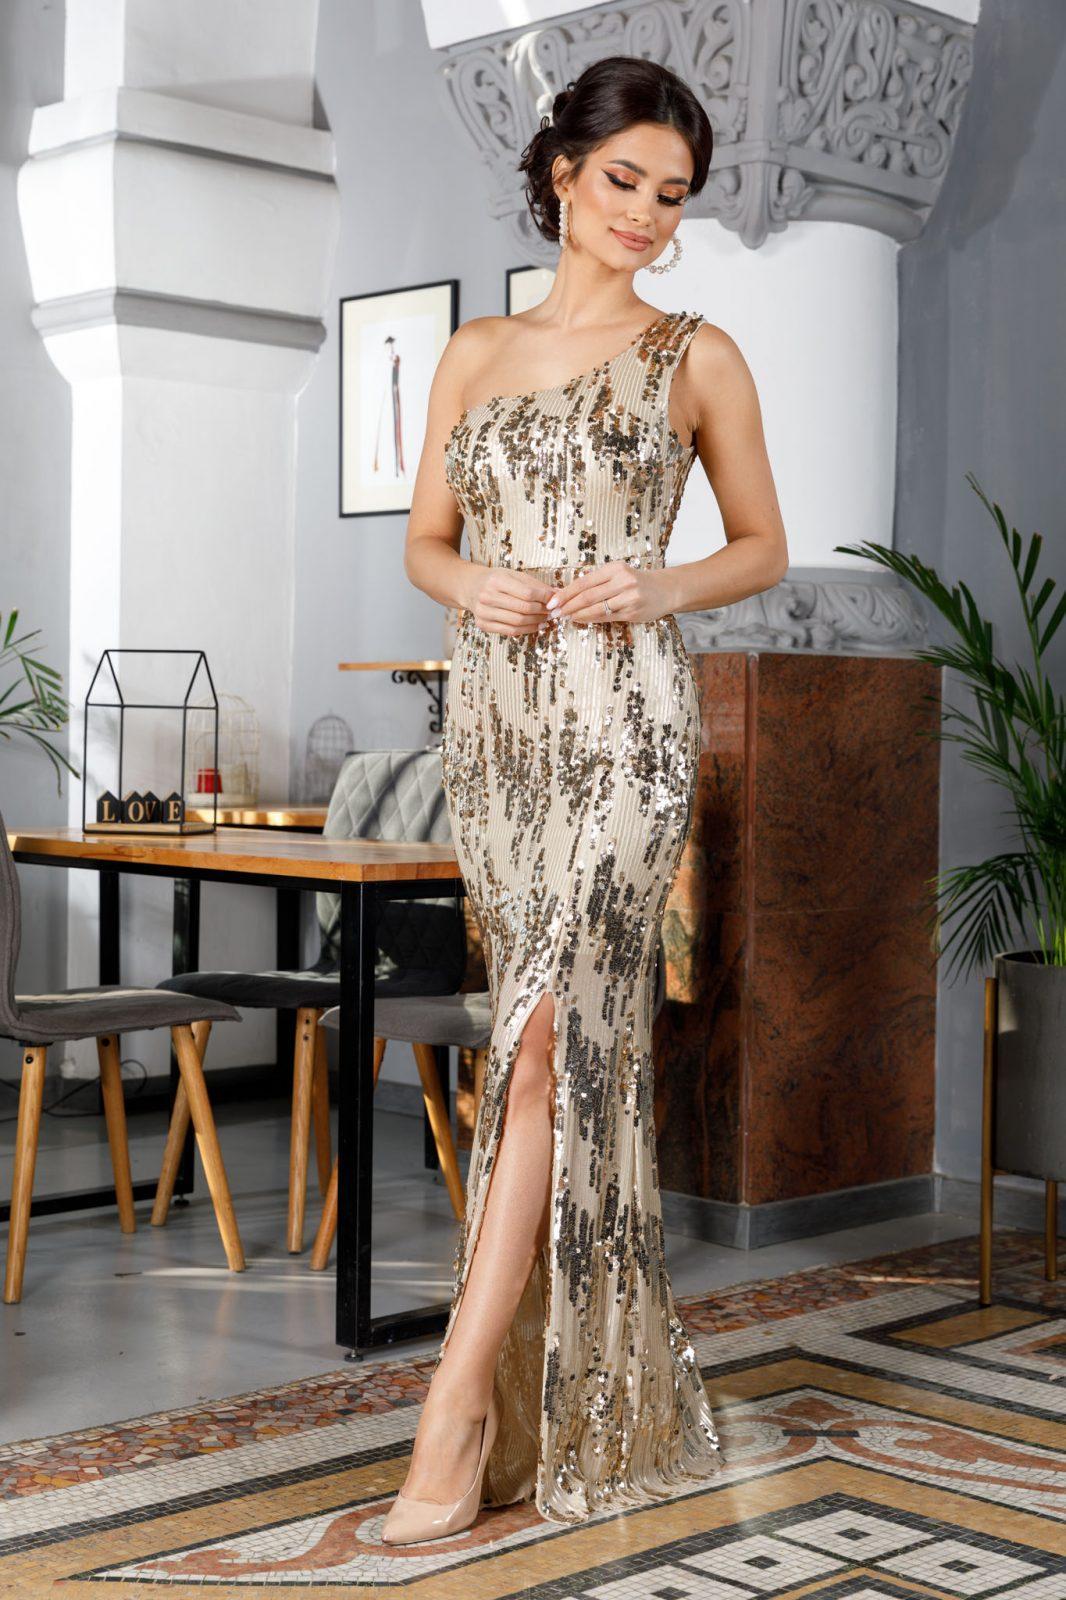 Tiarra Golden Dress